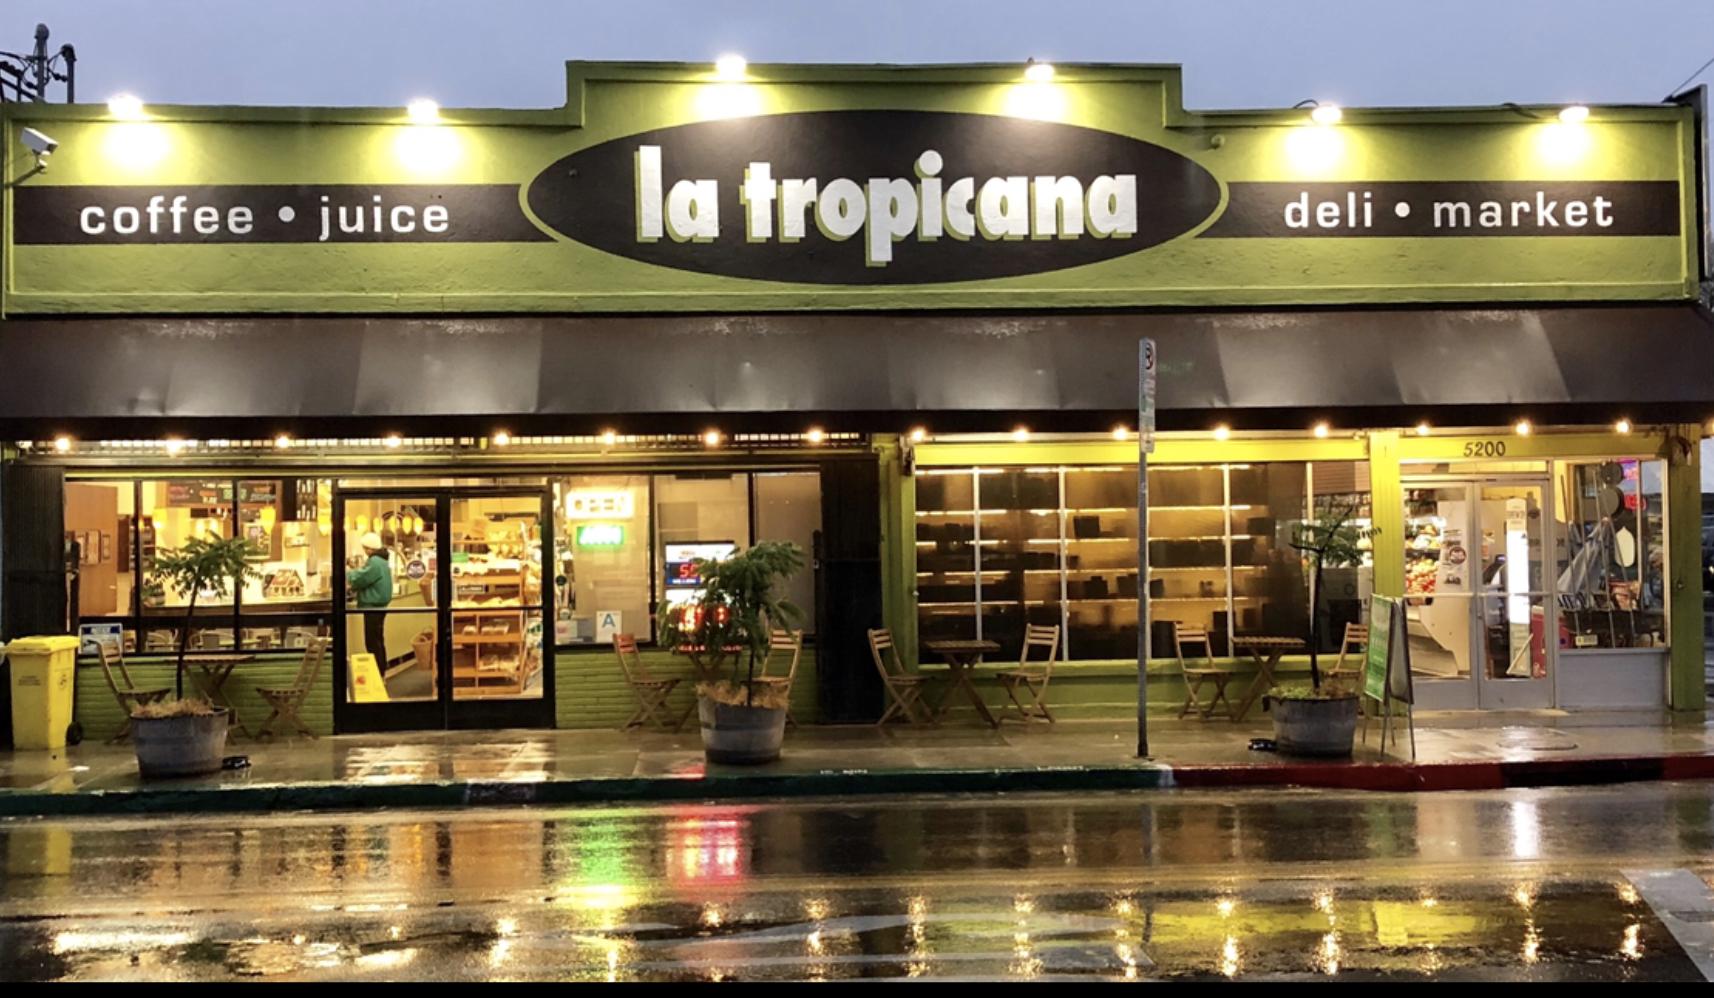 La Tropicana Market